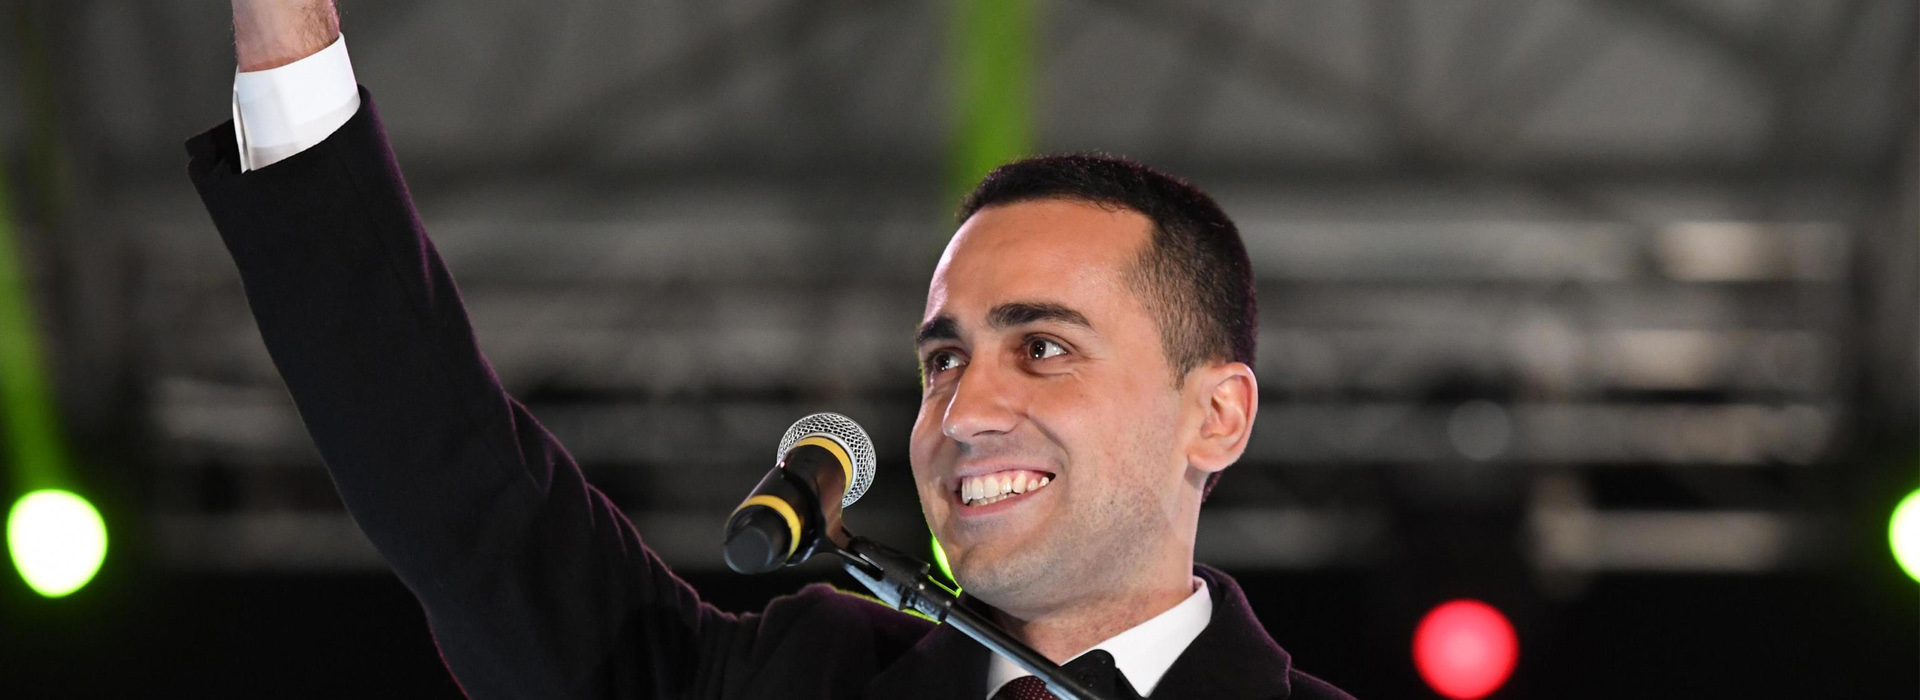 反傳統、反移民   義大利民粹政黨「五星運動」快速崛起